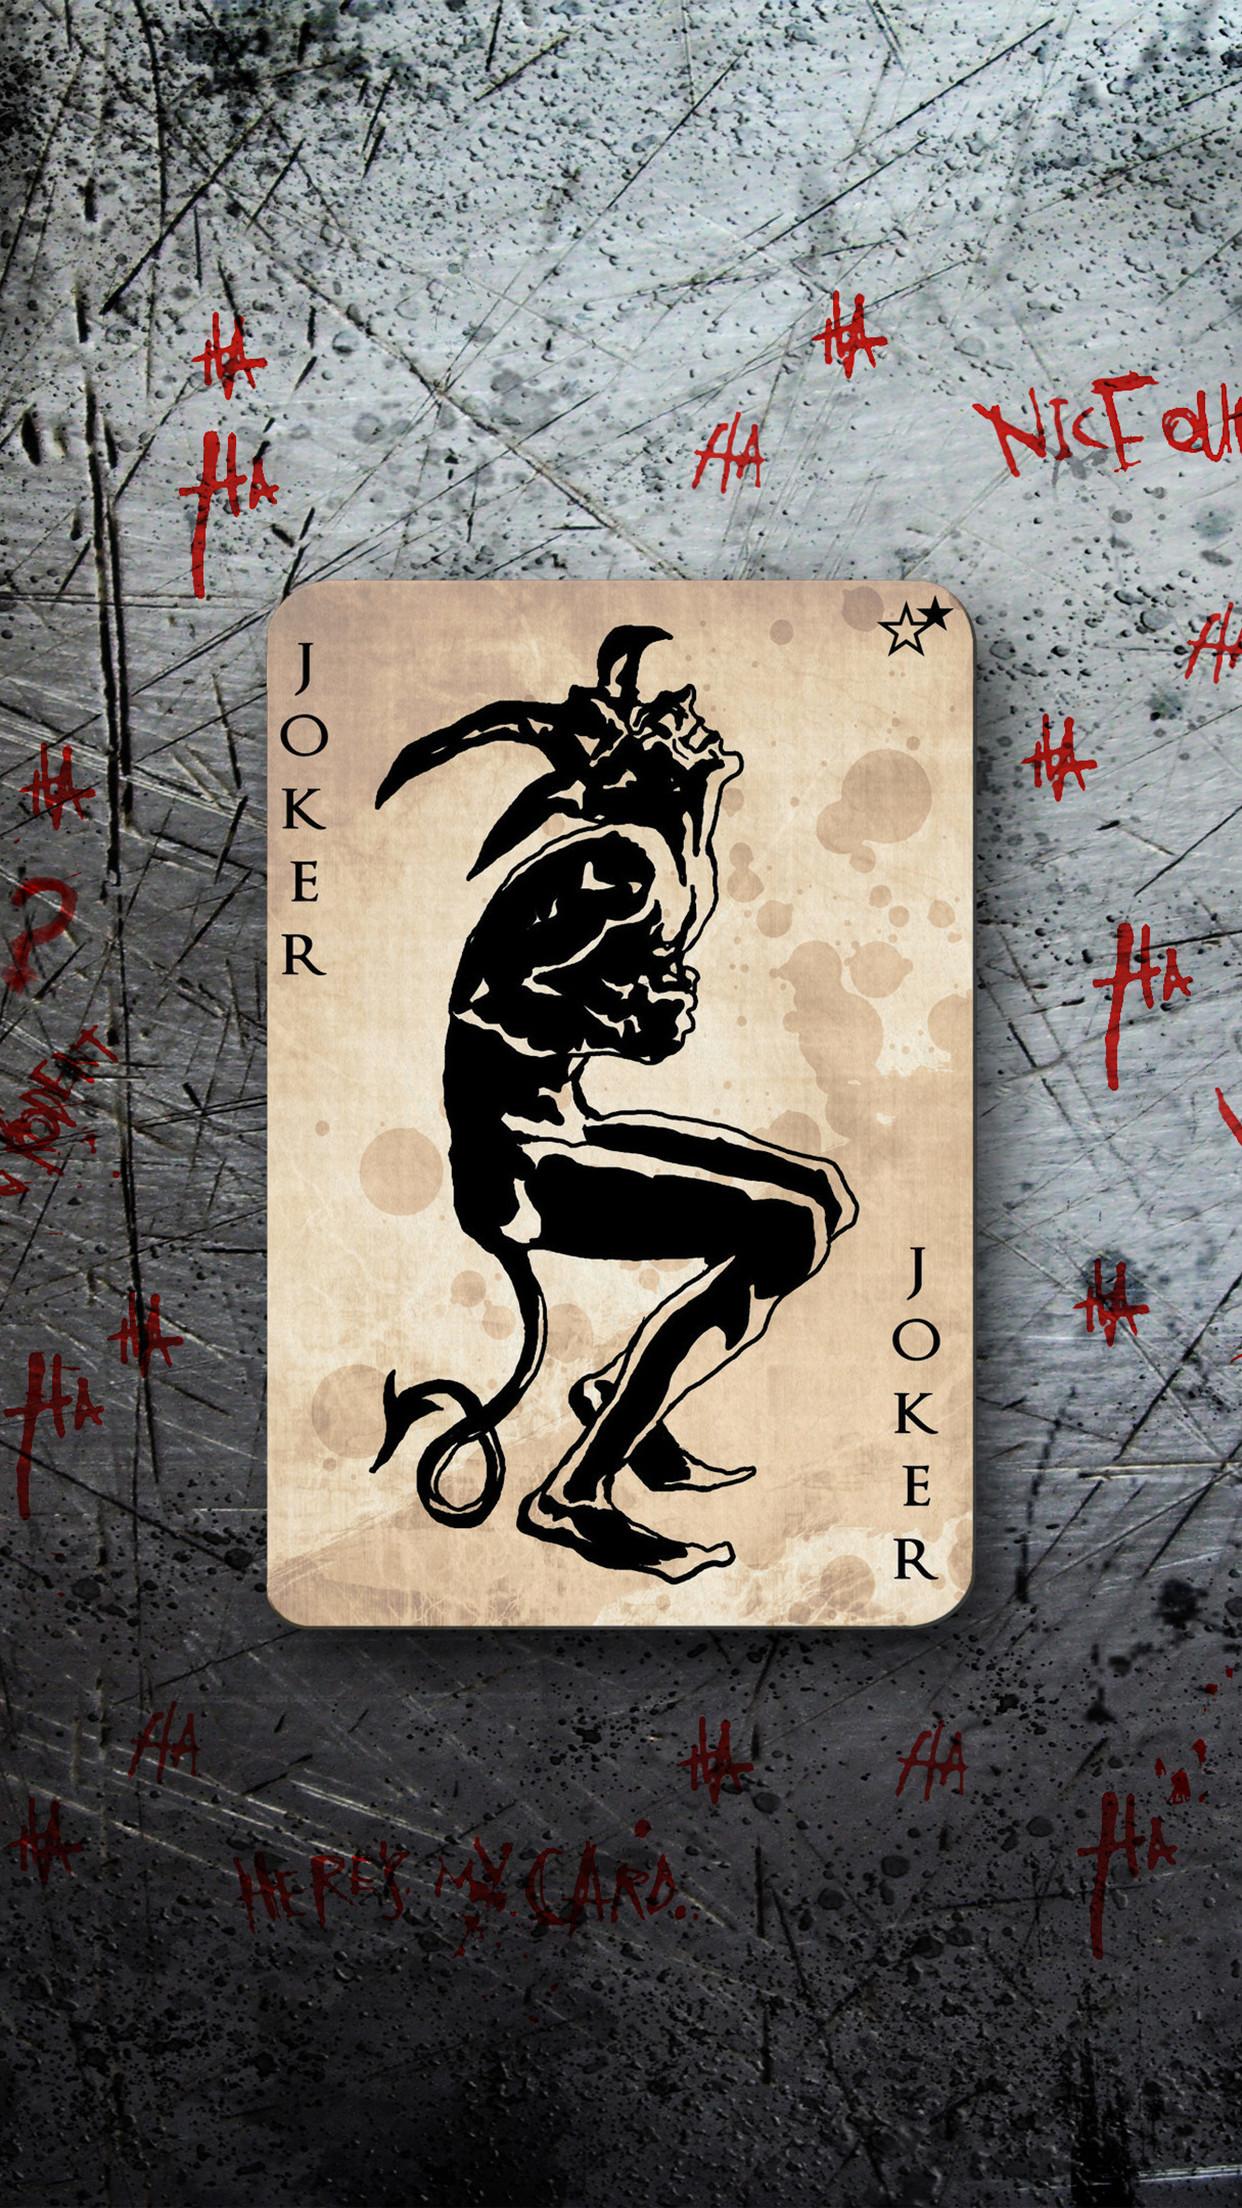 Joker Cards Wallpapers Wallpapersafari